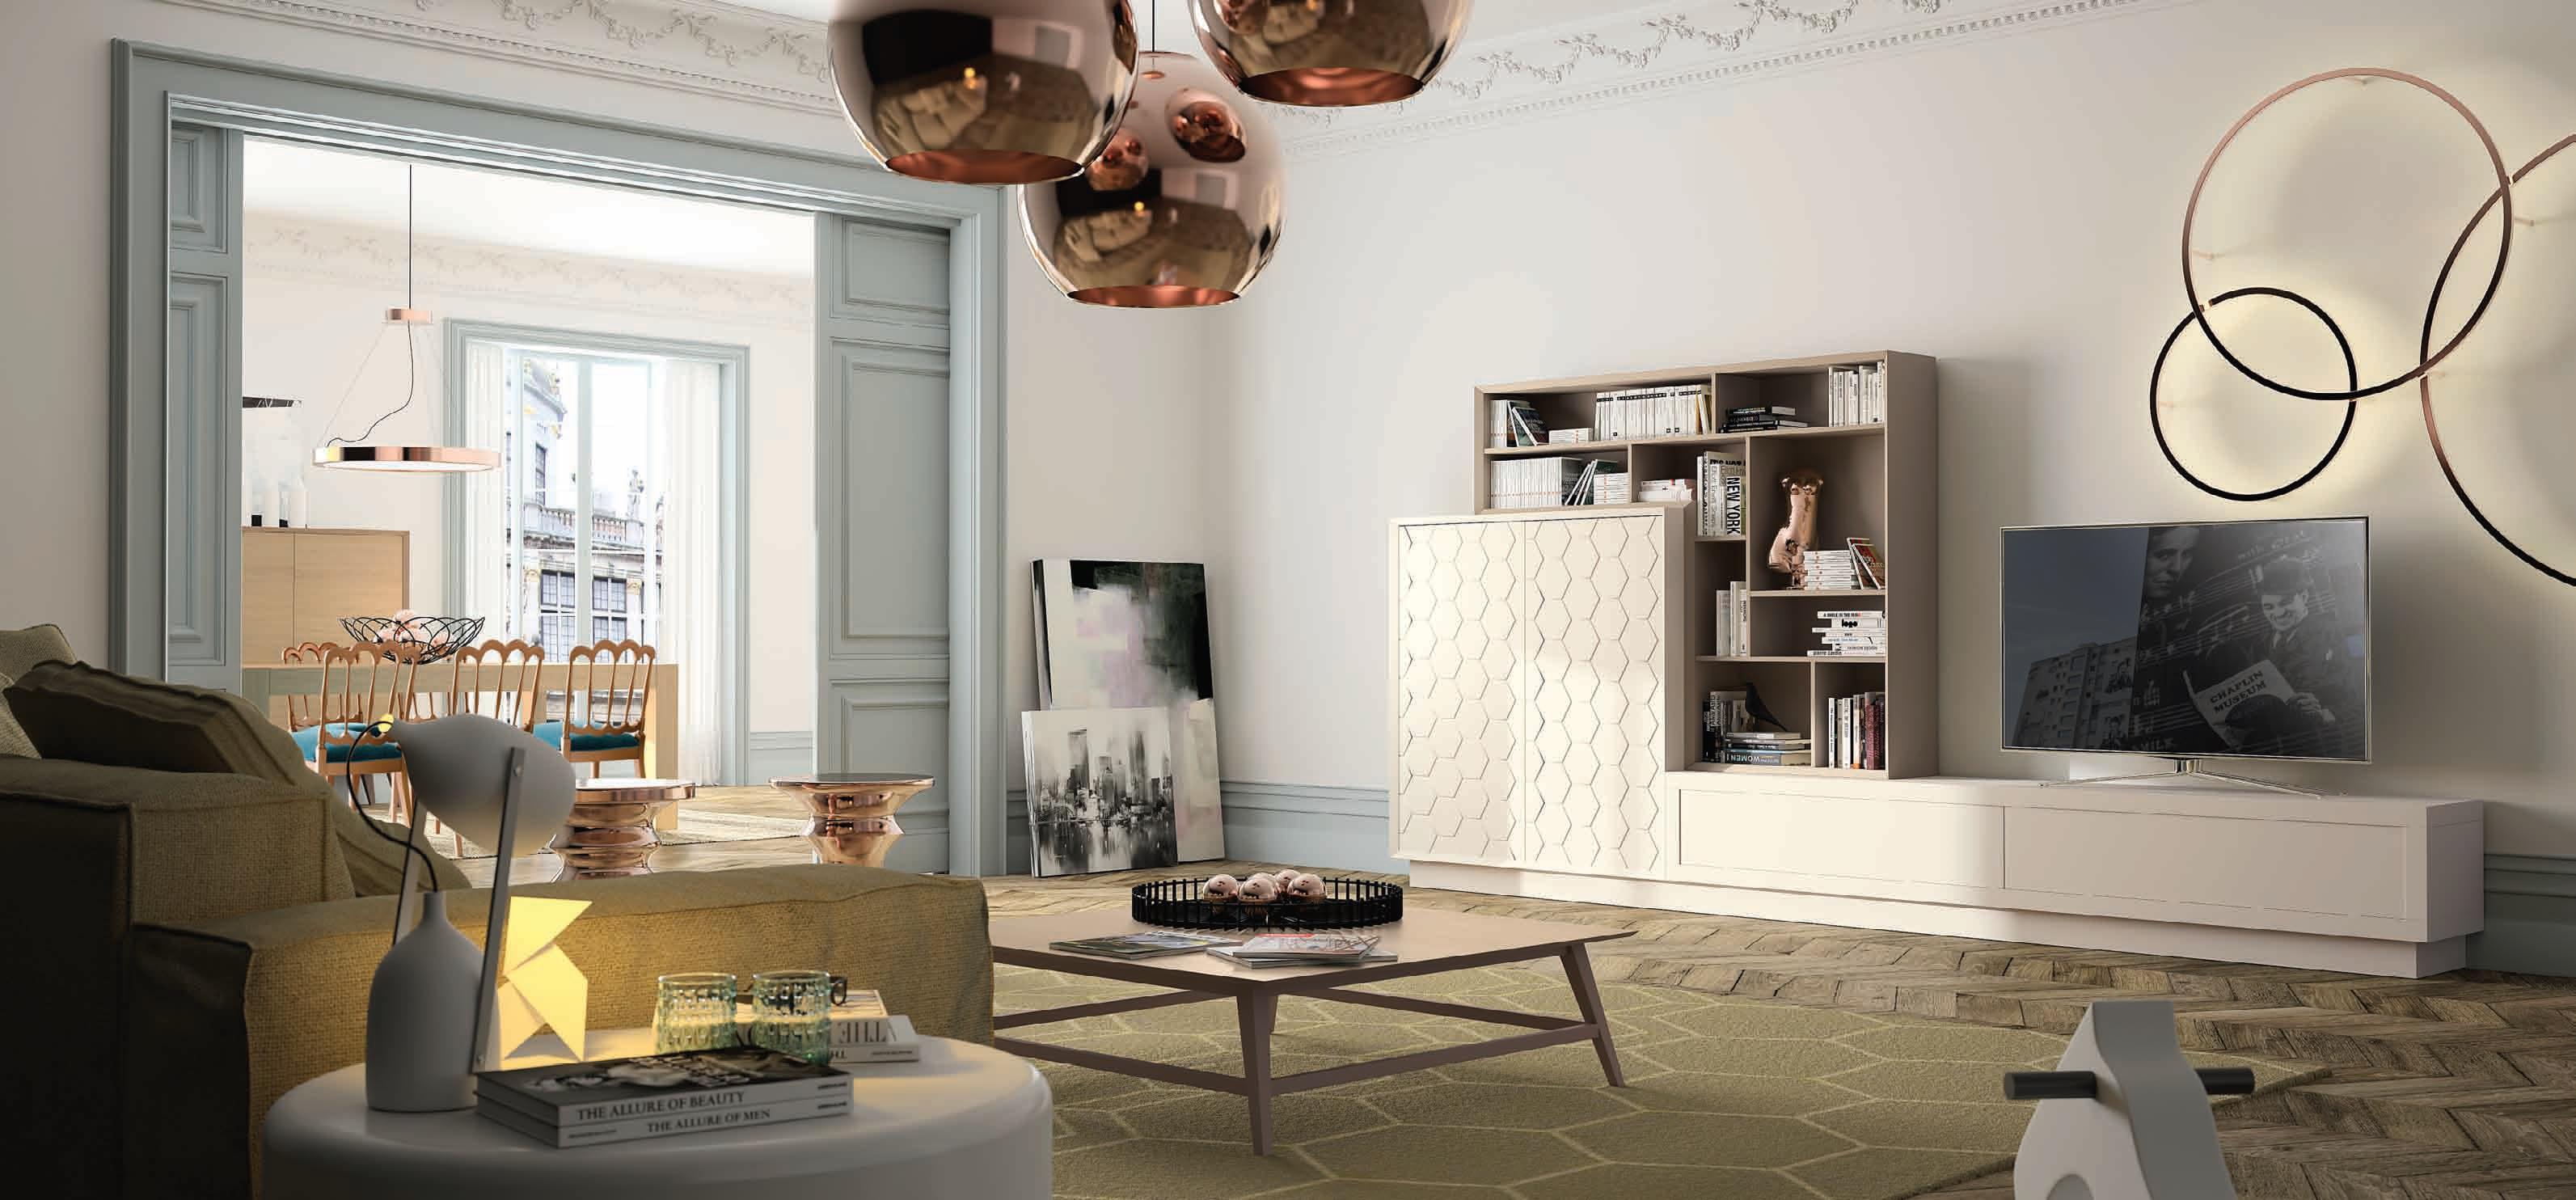 salon-contemporaneo-HAMSTER-BOOKCASE-muebles-paco-caballero-1335-5cb6fadf2995d